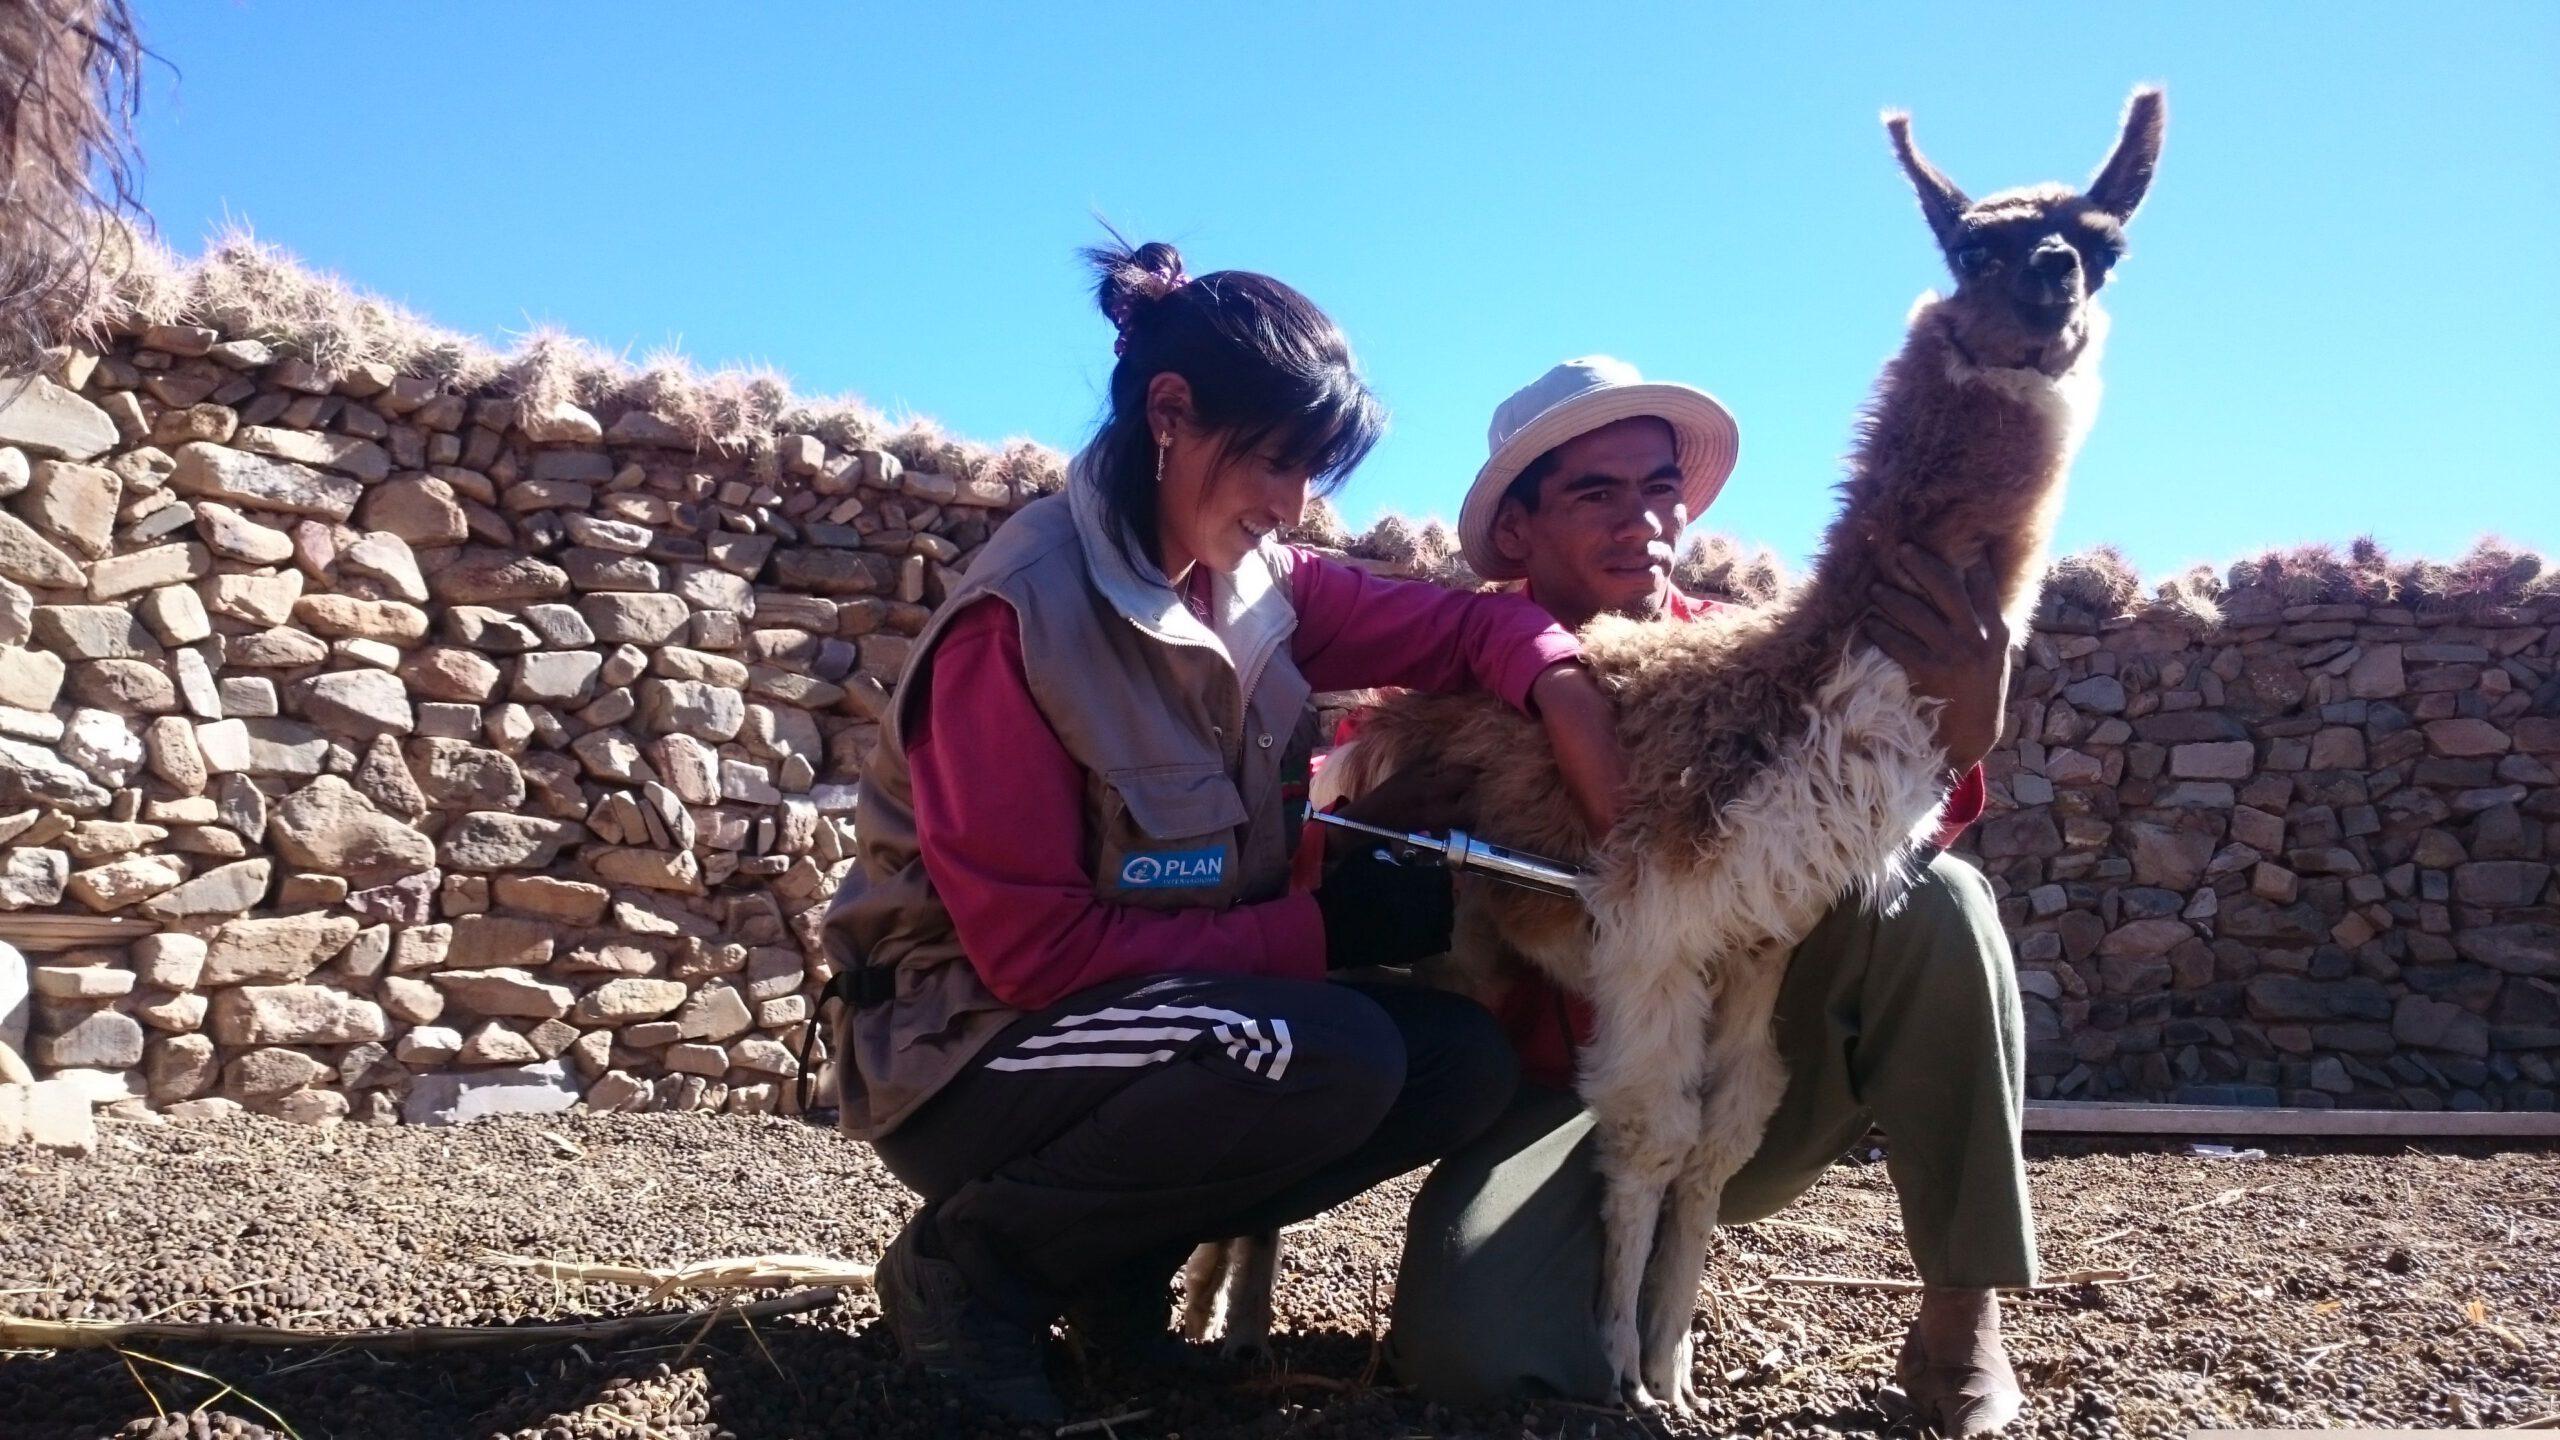 GNO0478_Veterinärkits_Plan International_Bild stammt aus einem ähnlichen Plan-Projekt in Bolivie_Bild1